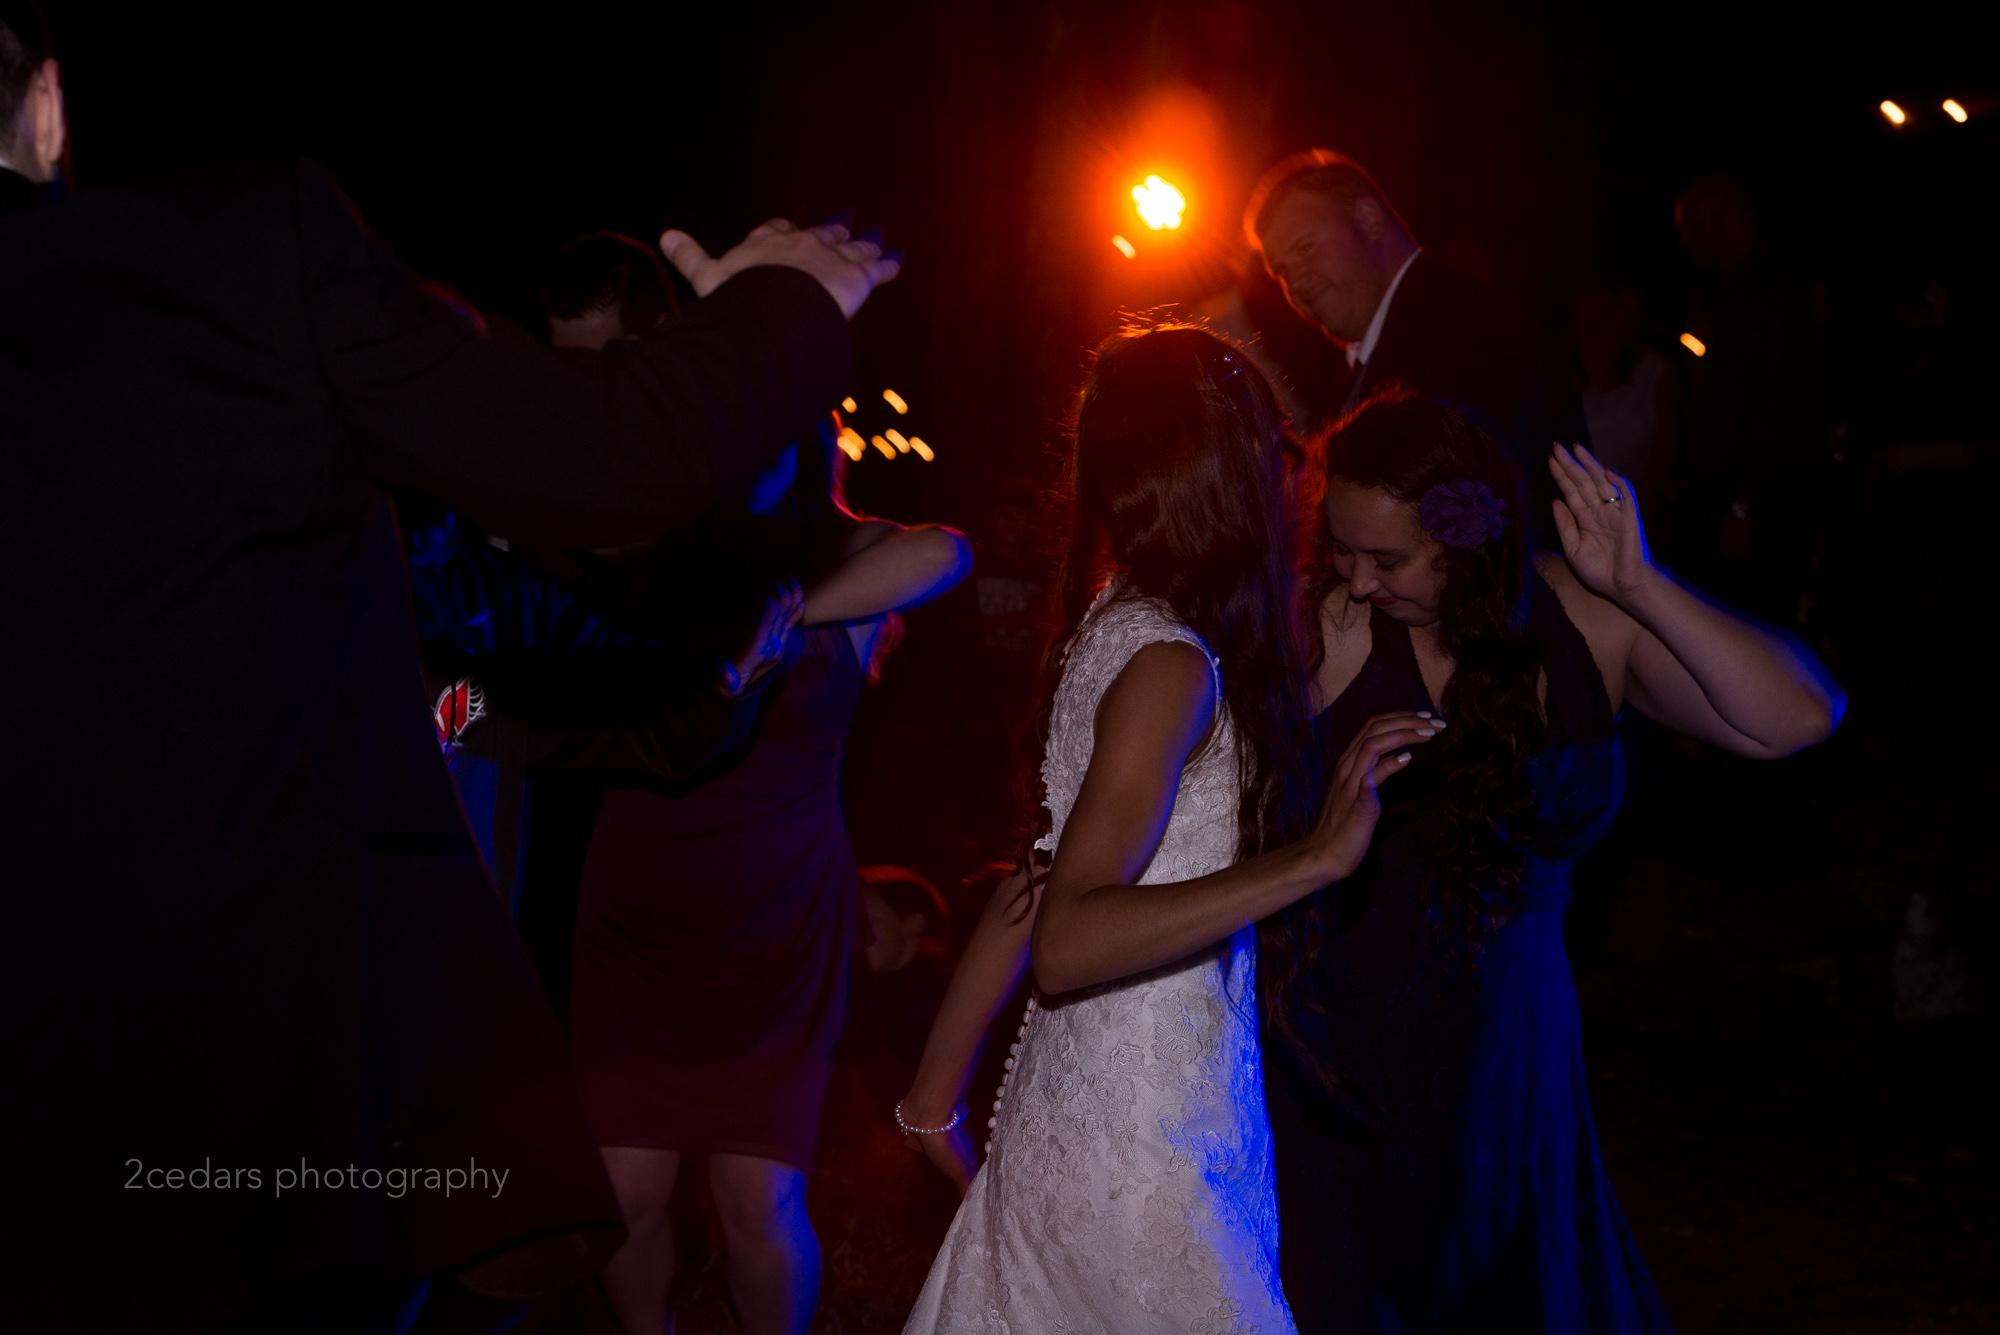 Wedding reception dance party bride and bridesmaids